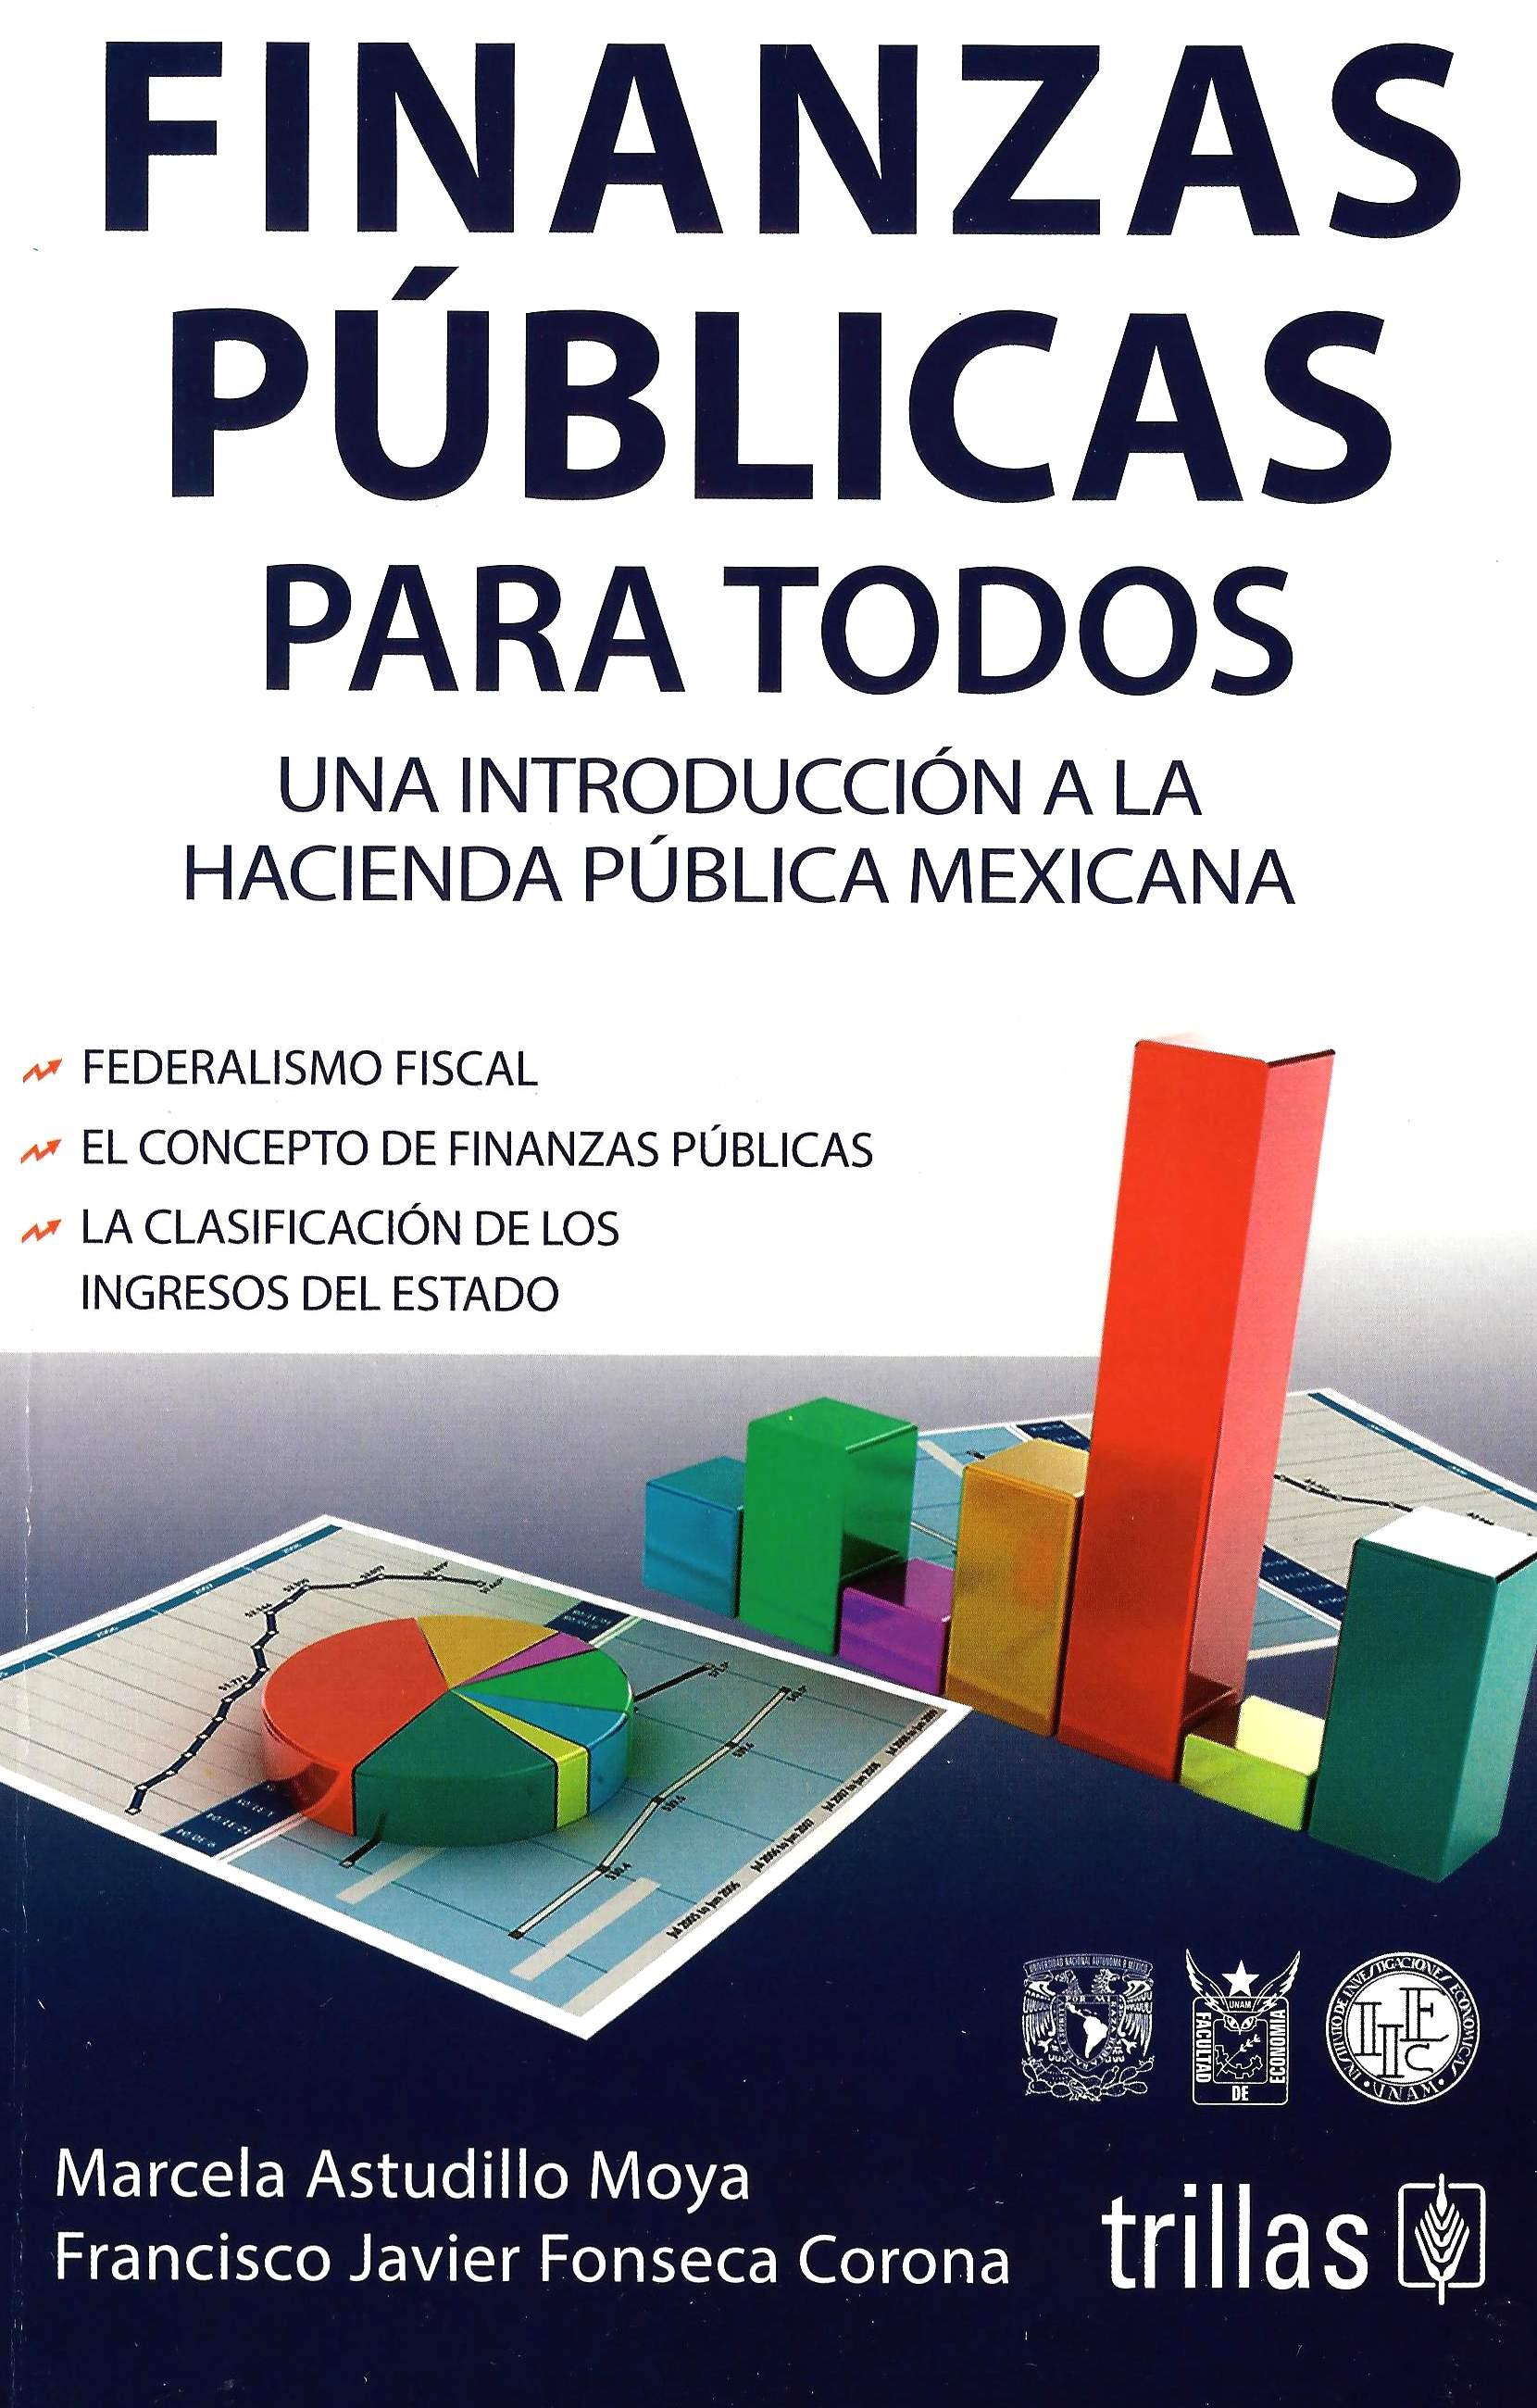 Finanzas públicas para todos. Una introducción a la hacienda pública mexicana